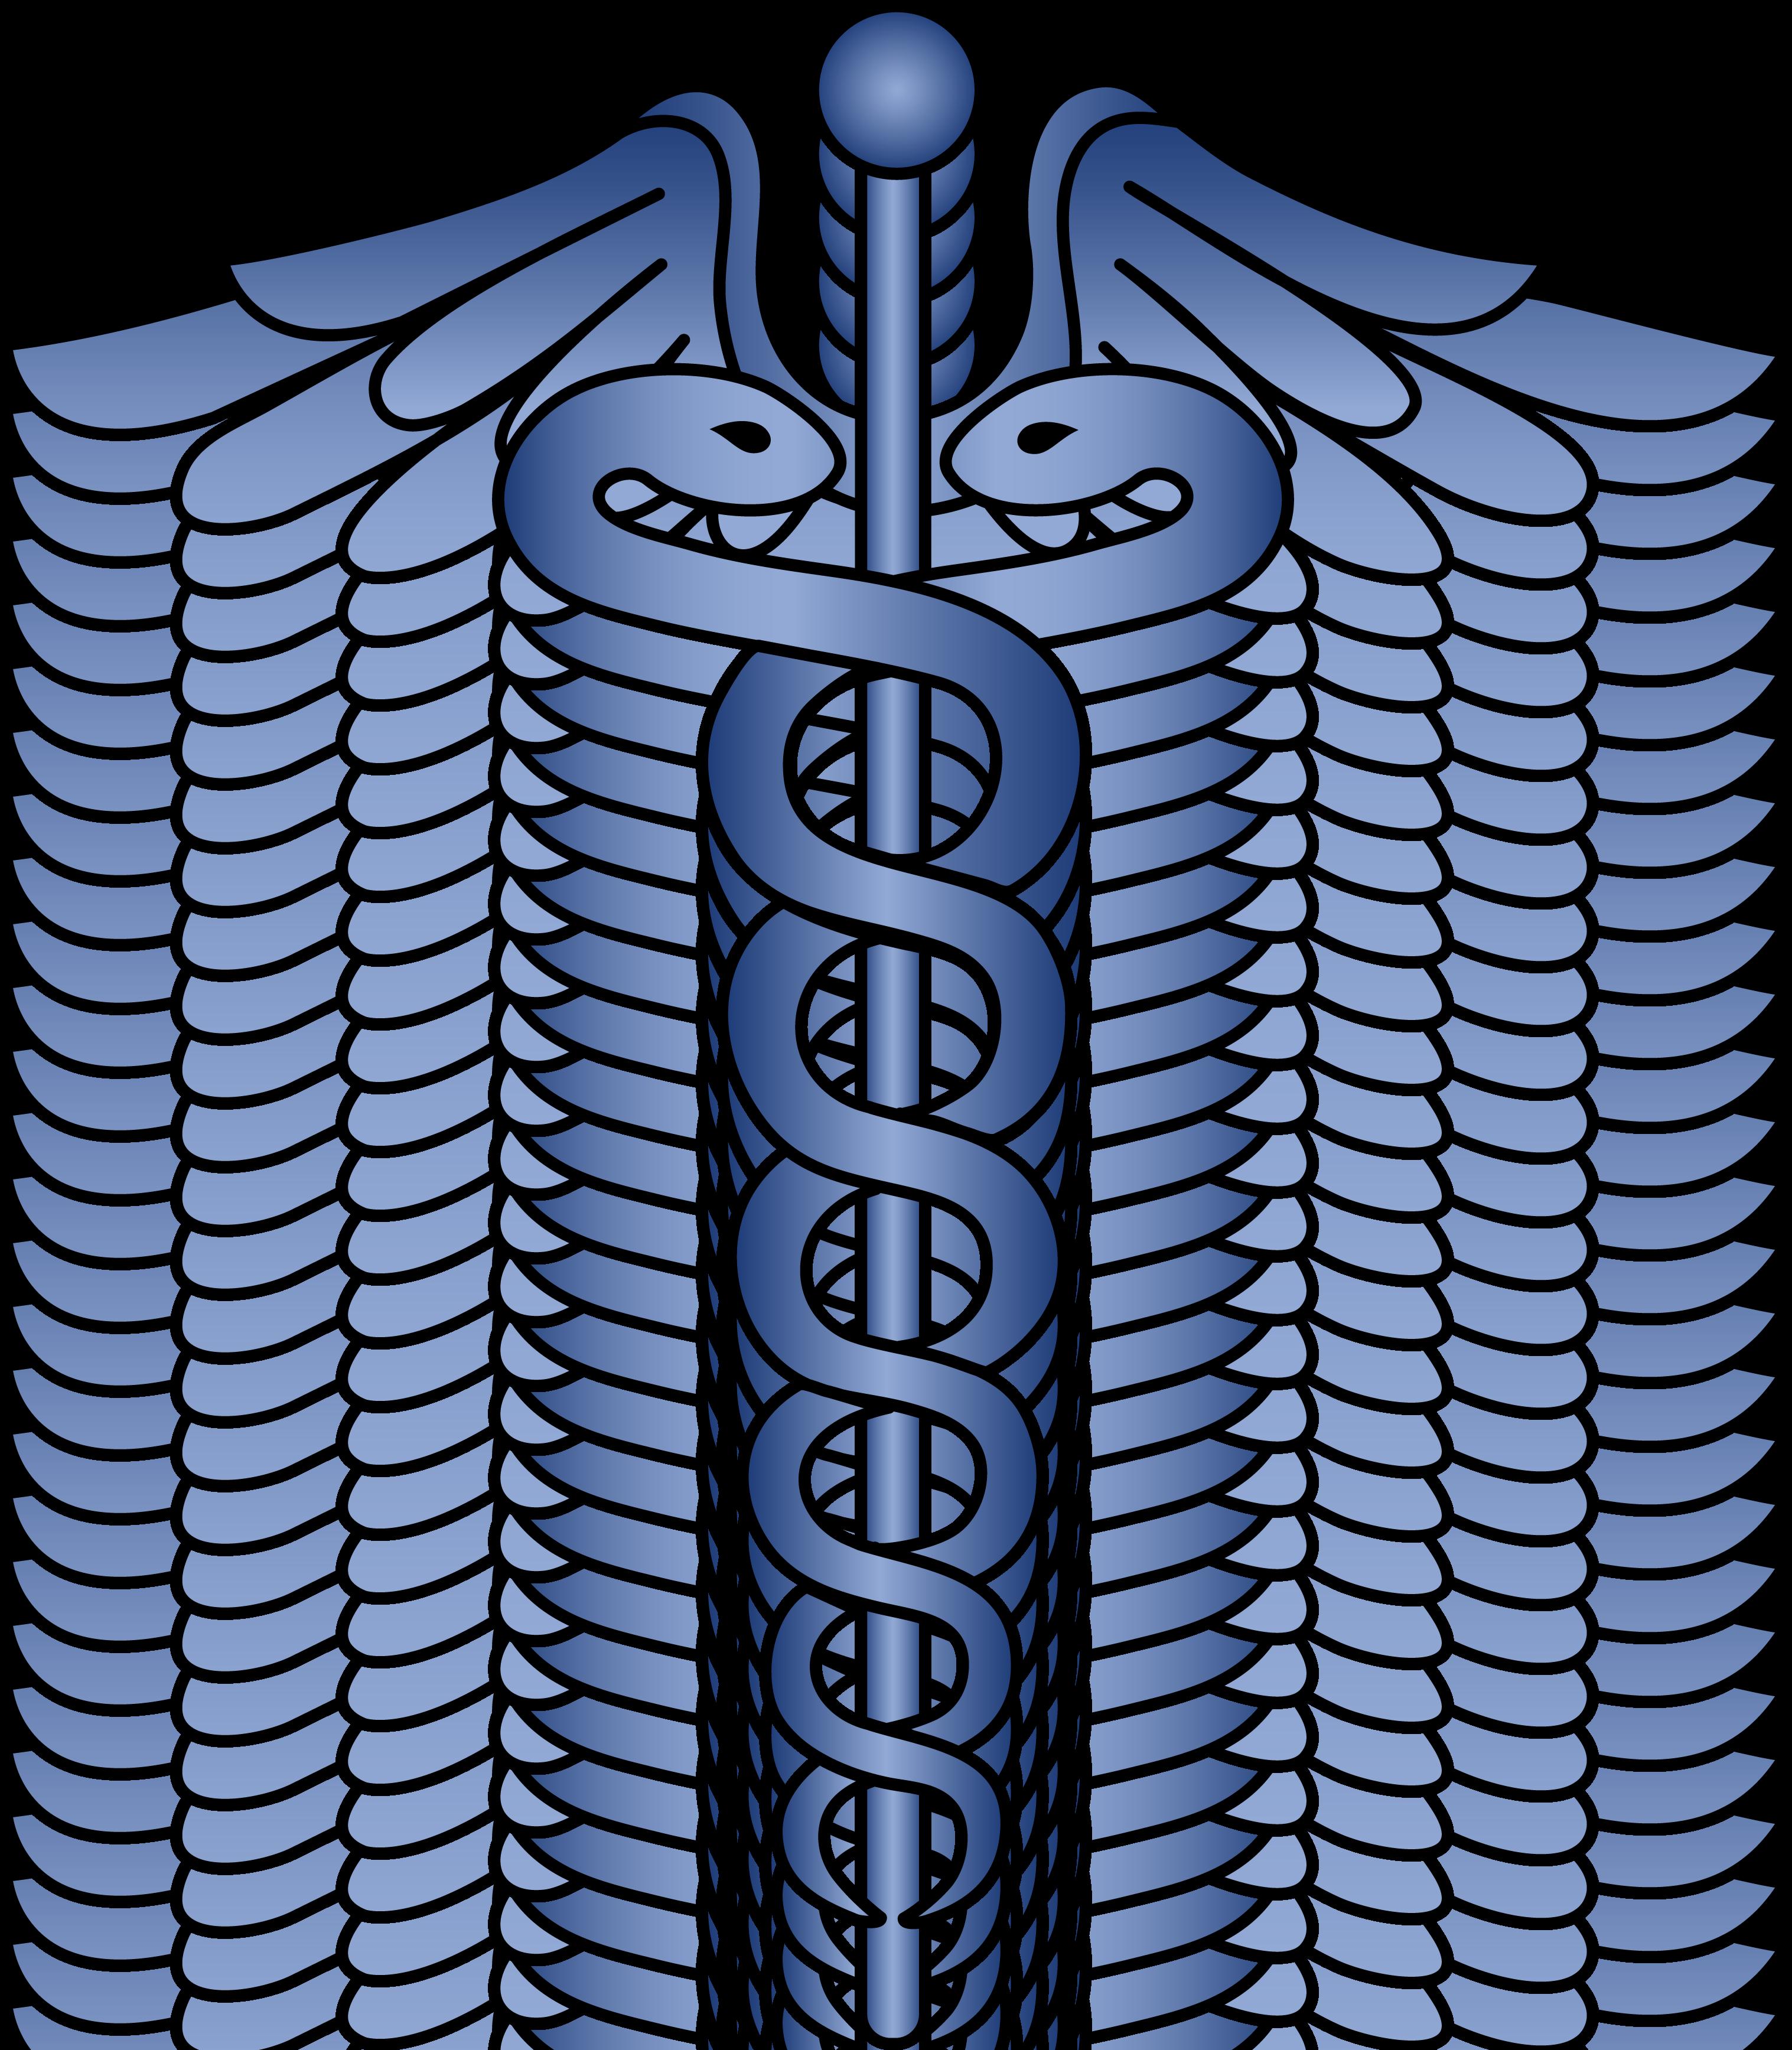 3034x3471 Blue Caduceus Logo Design